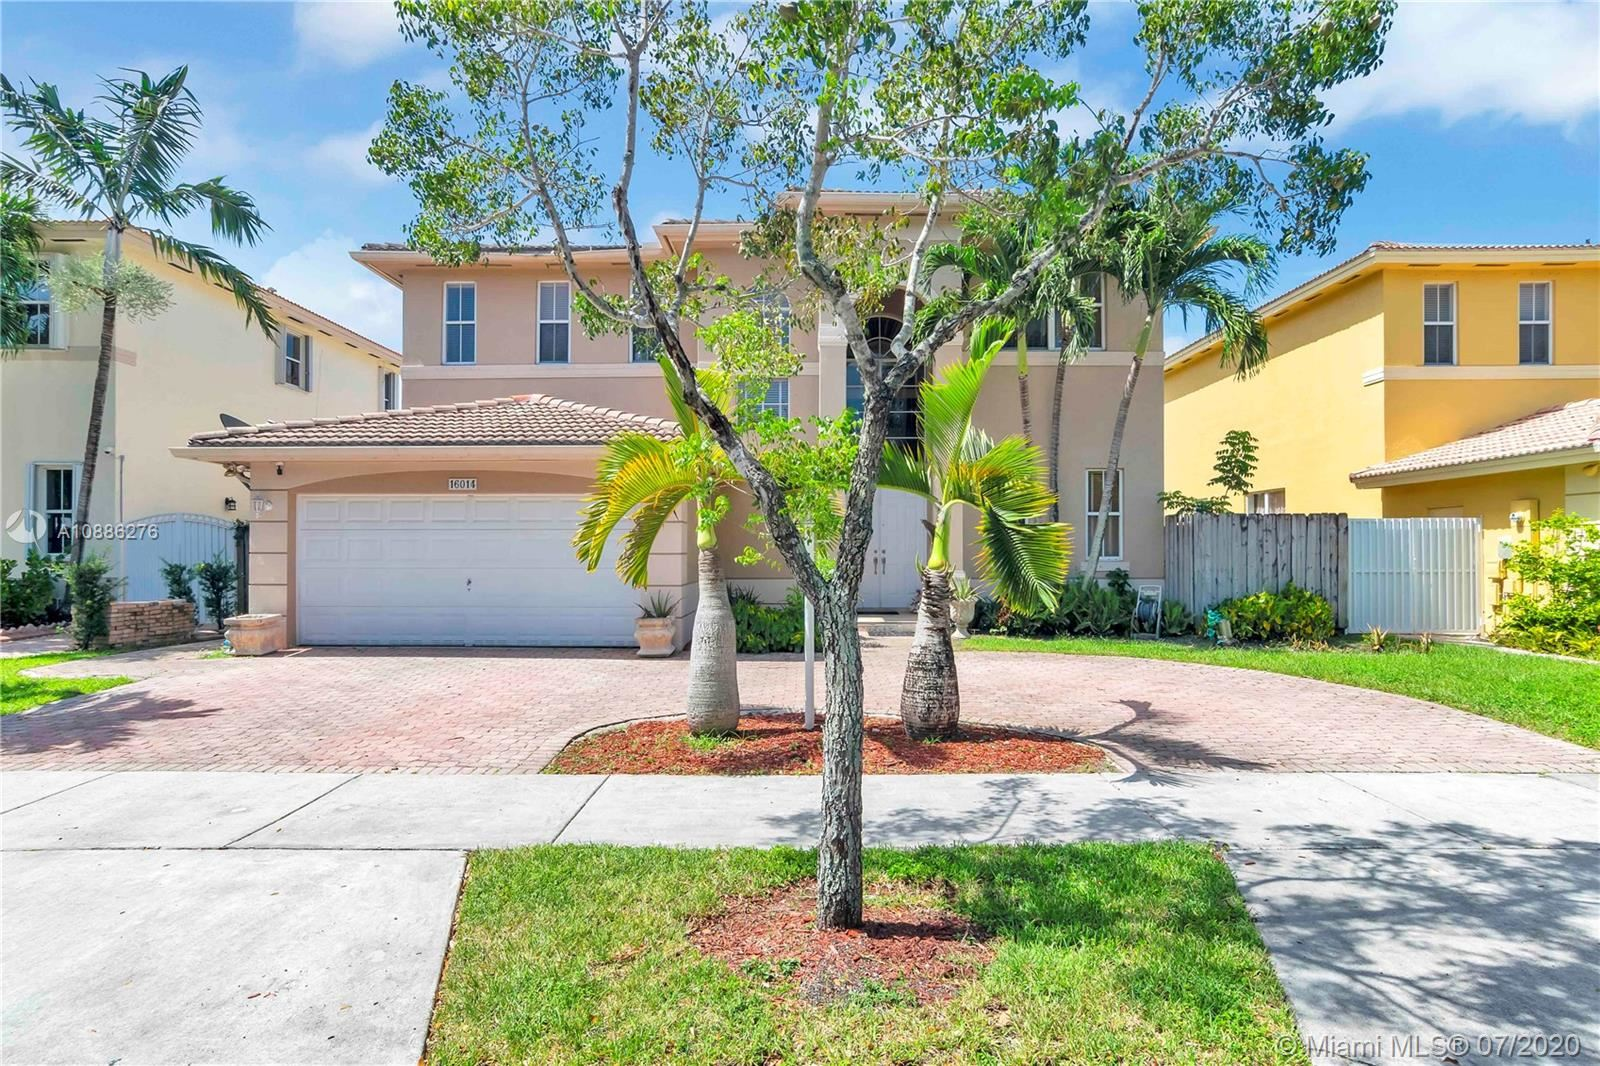 16014 SW 62nd St, Miami, FL 33193 - #: A10886276